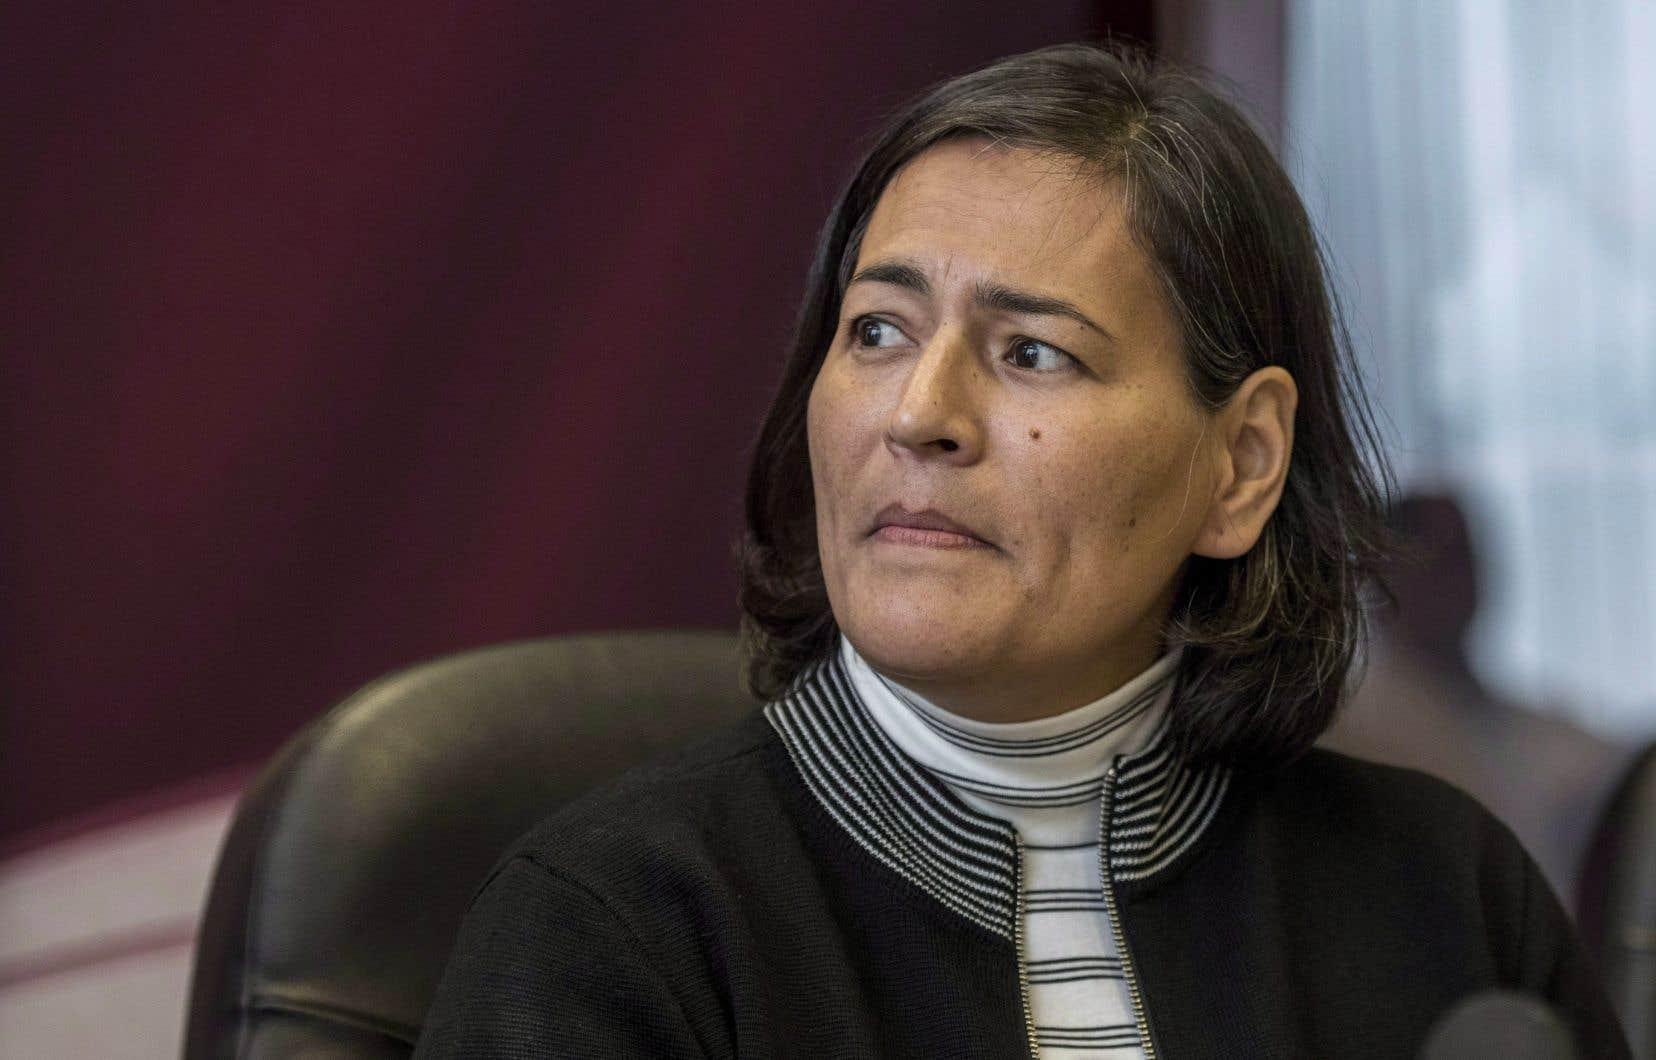 L'ex-commissaire de l'Enquête nationale sur les femmes et les filles autochtones disparues et assassinées(ENFFADA) Michèle Audette.L'ENFFADA a recensé dans son rapport les histoires d'une quinzaine d'enfants et de bébés autochtones qui ont été déclarés — parfois à tort — morts ou disparus après avoir été envoyés dans des hôpitaux.